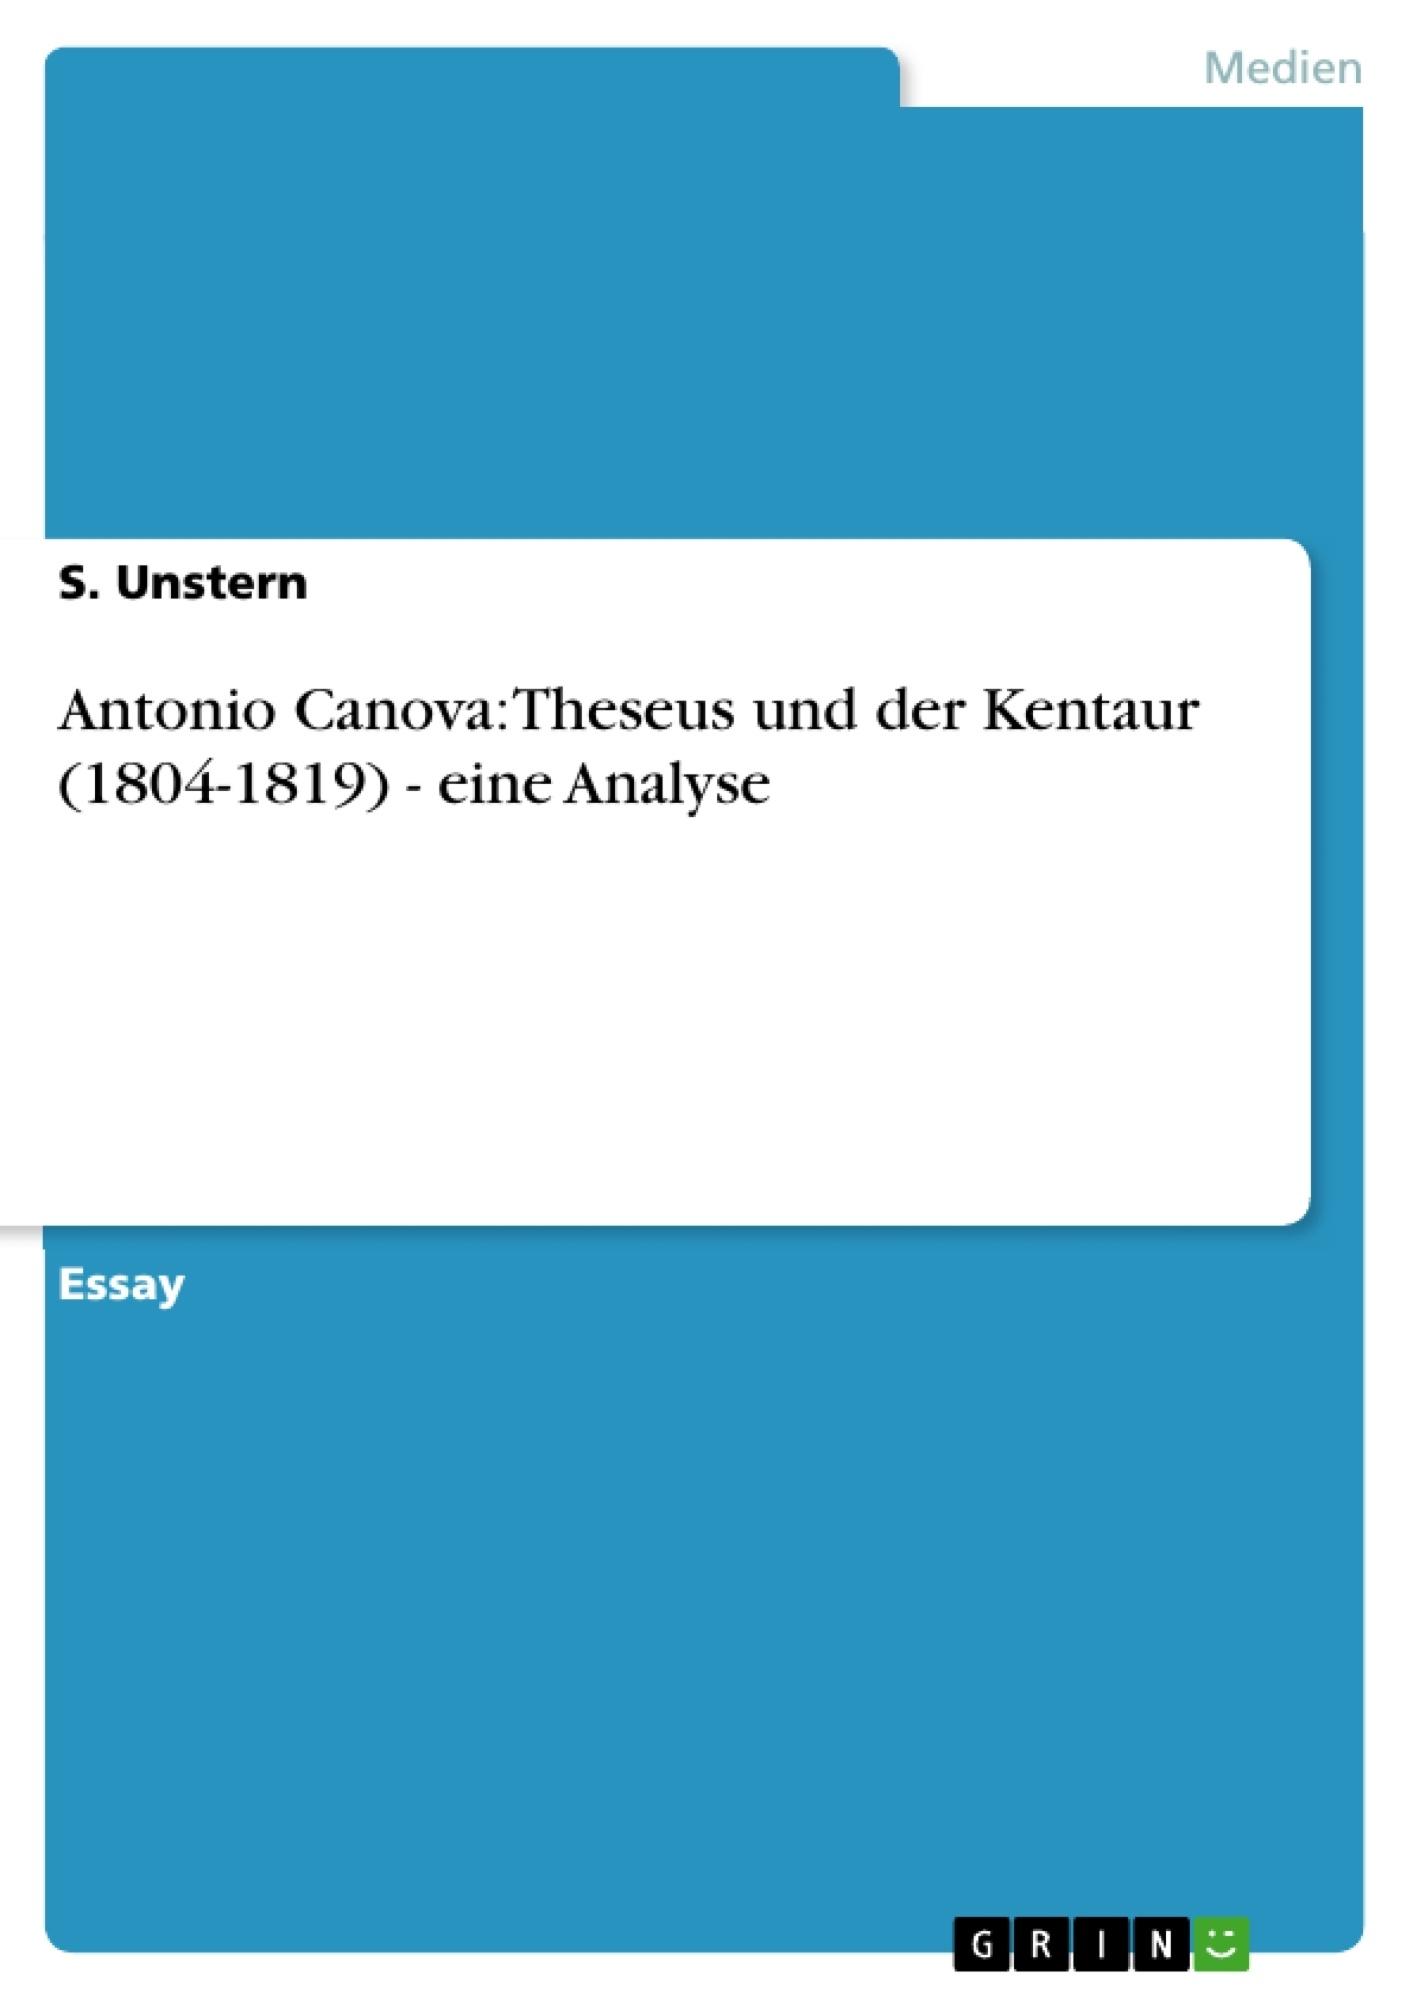 Titel: Antonio Canova: Theseus und der Kentaur (1804-1819) - eine Analyse